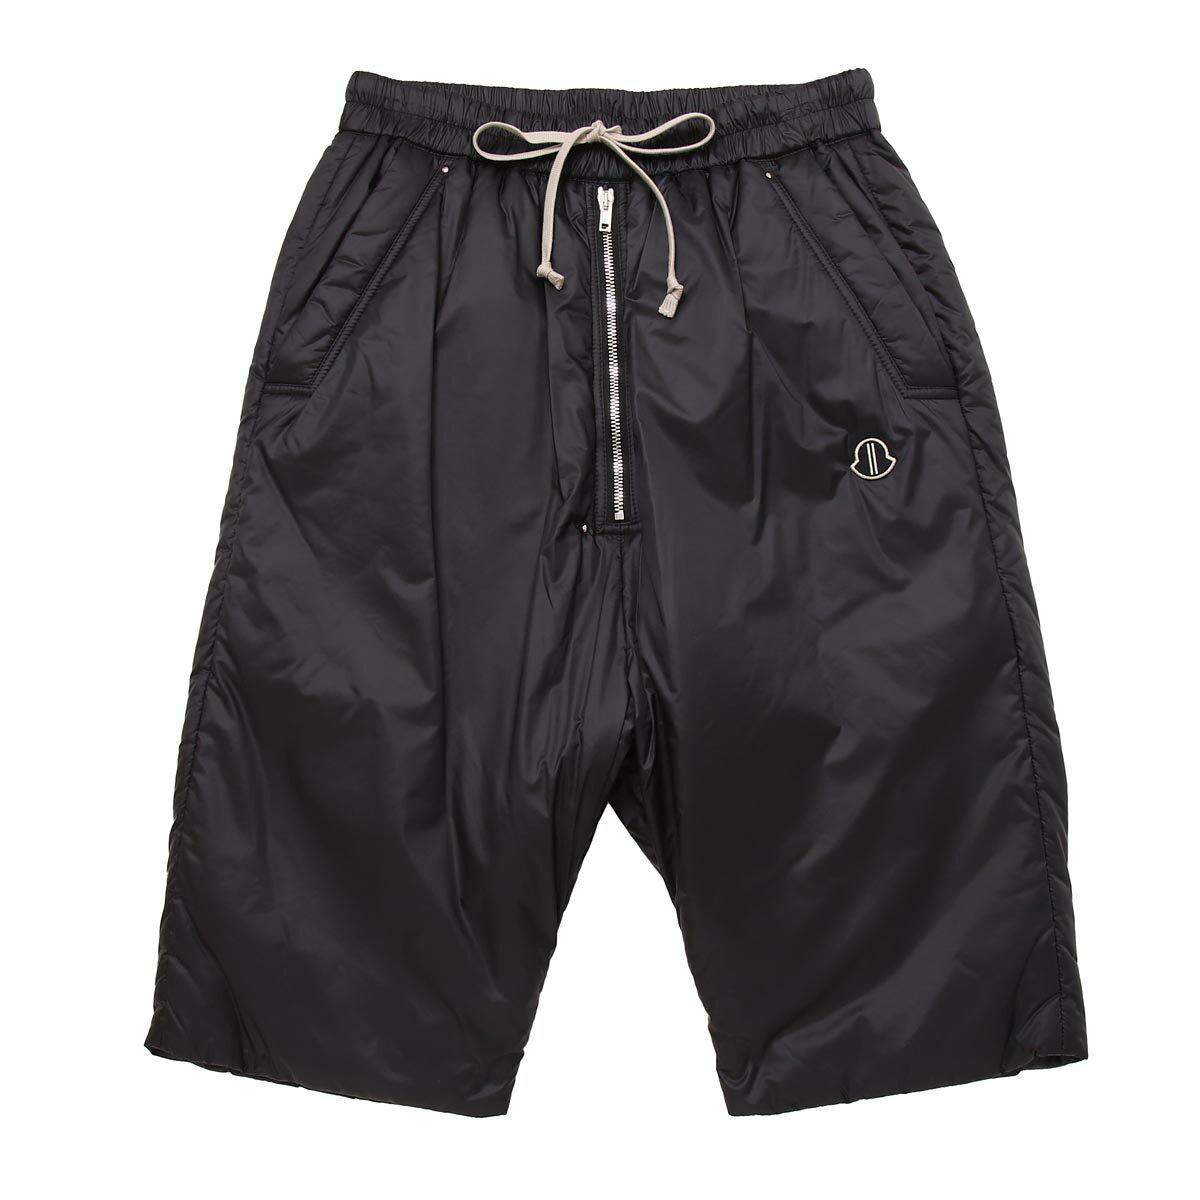 メンズファッション, ズボン・パンツ  MONCLER 2b60000 c0594 999 MONCLER RICK OWENS